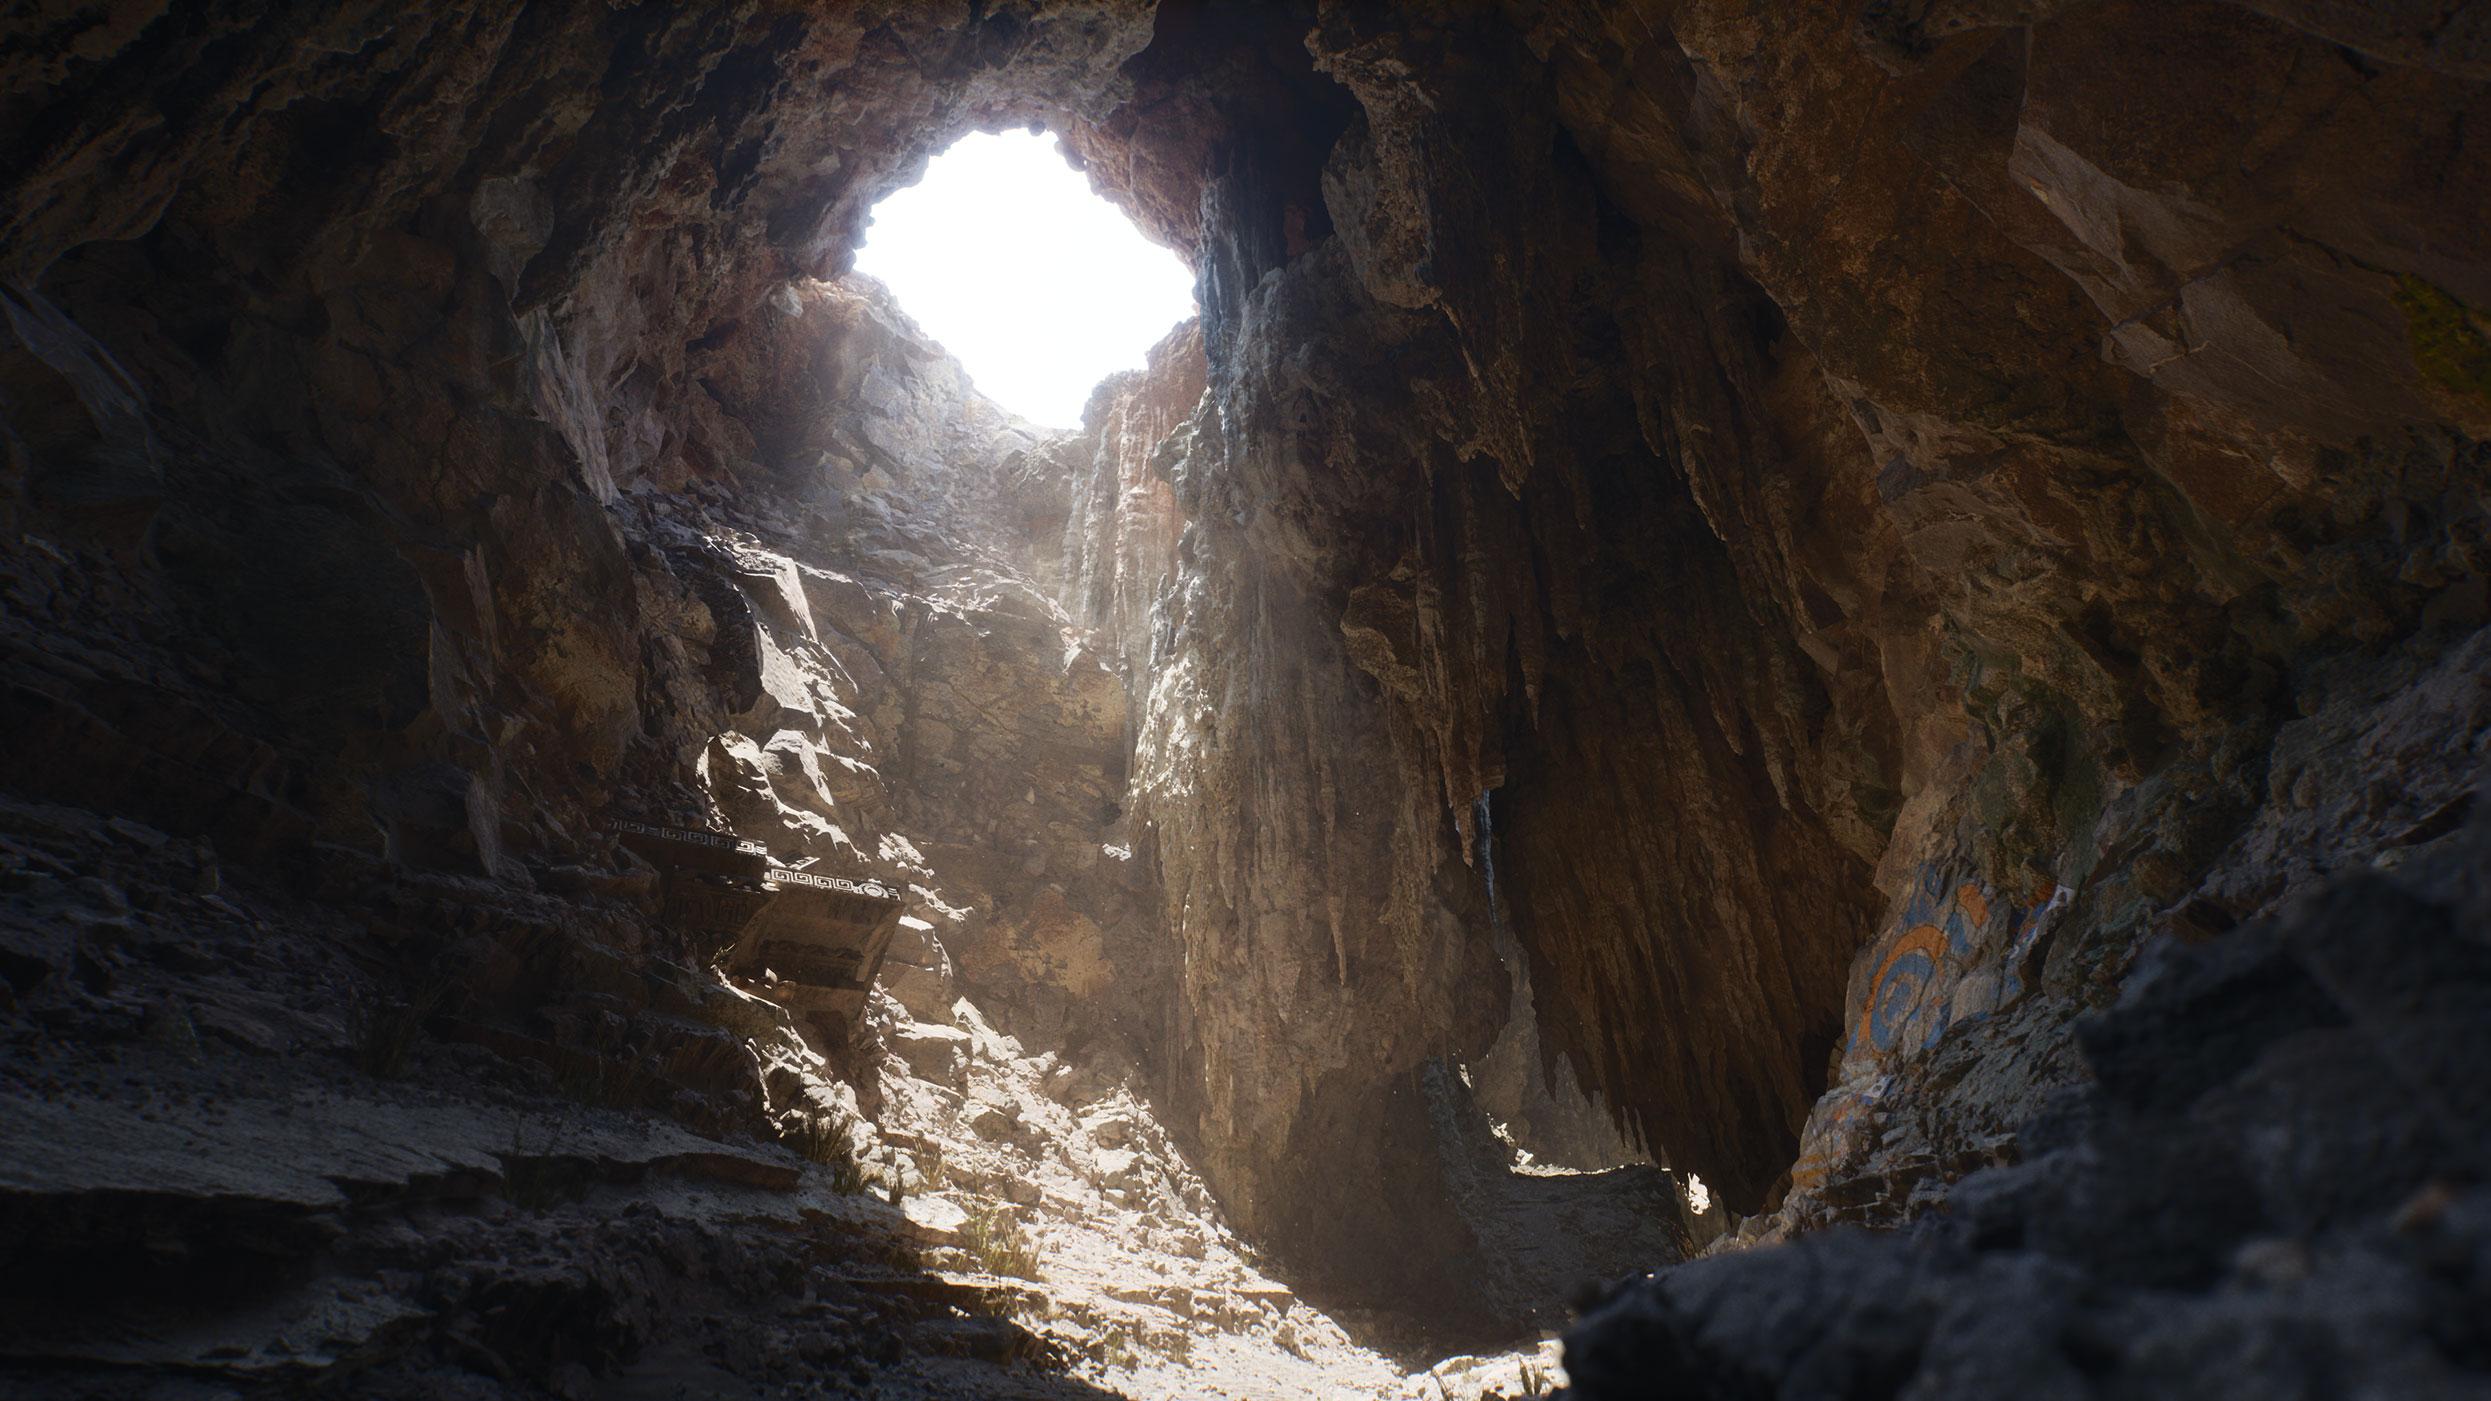 Cueva con claraboya de luz